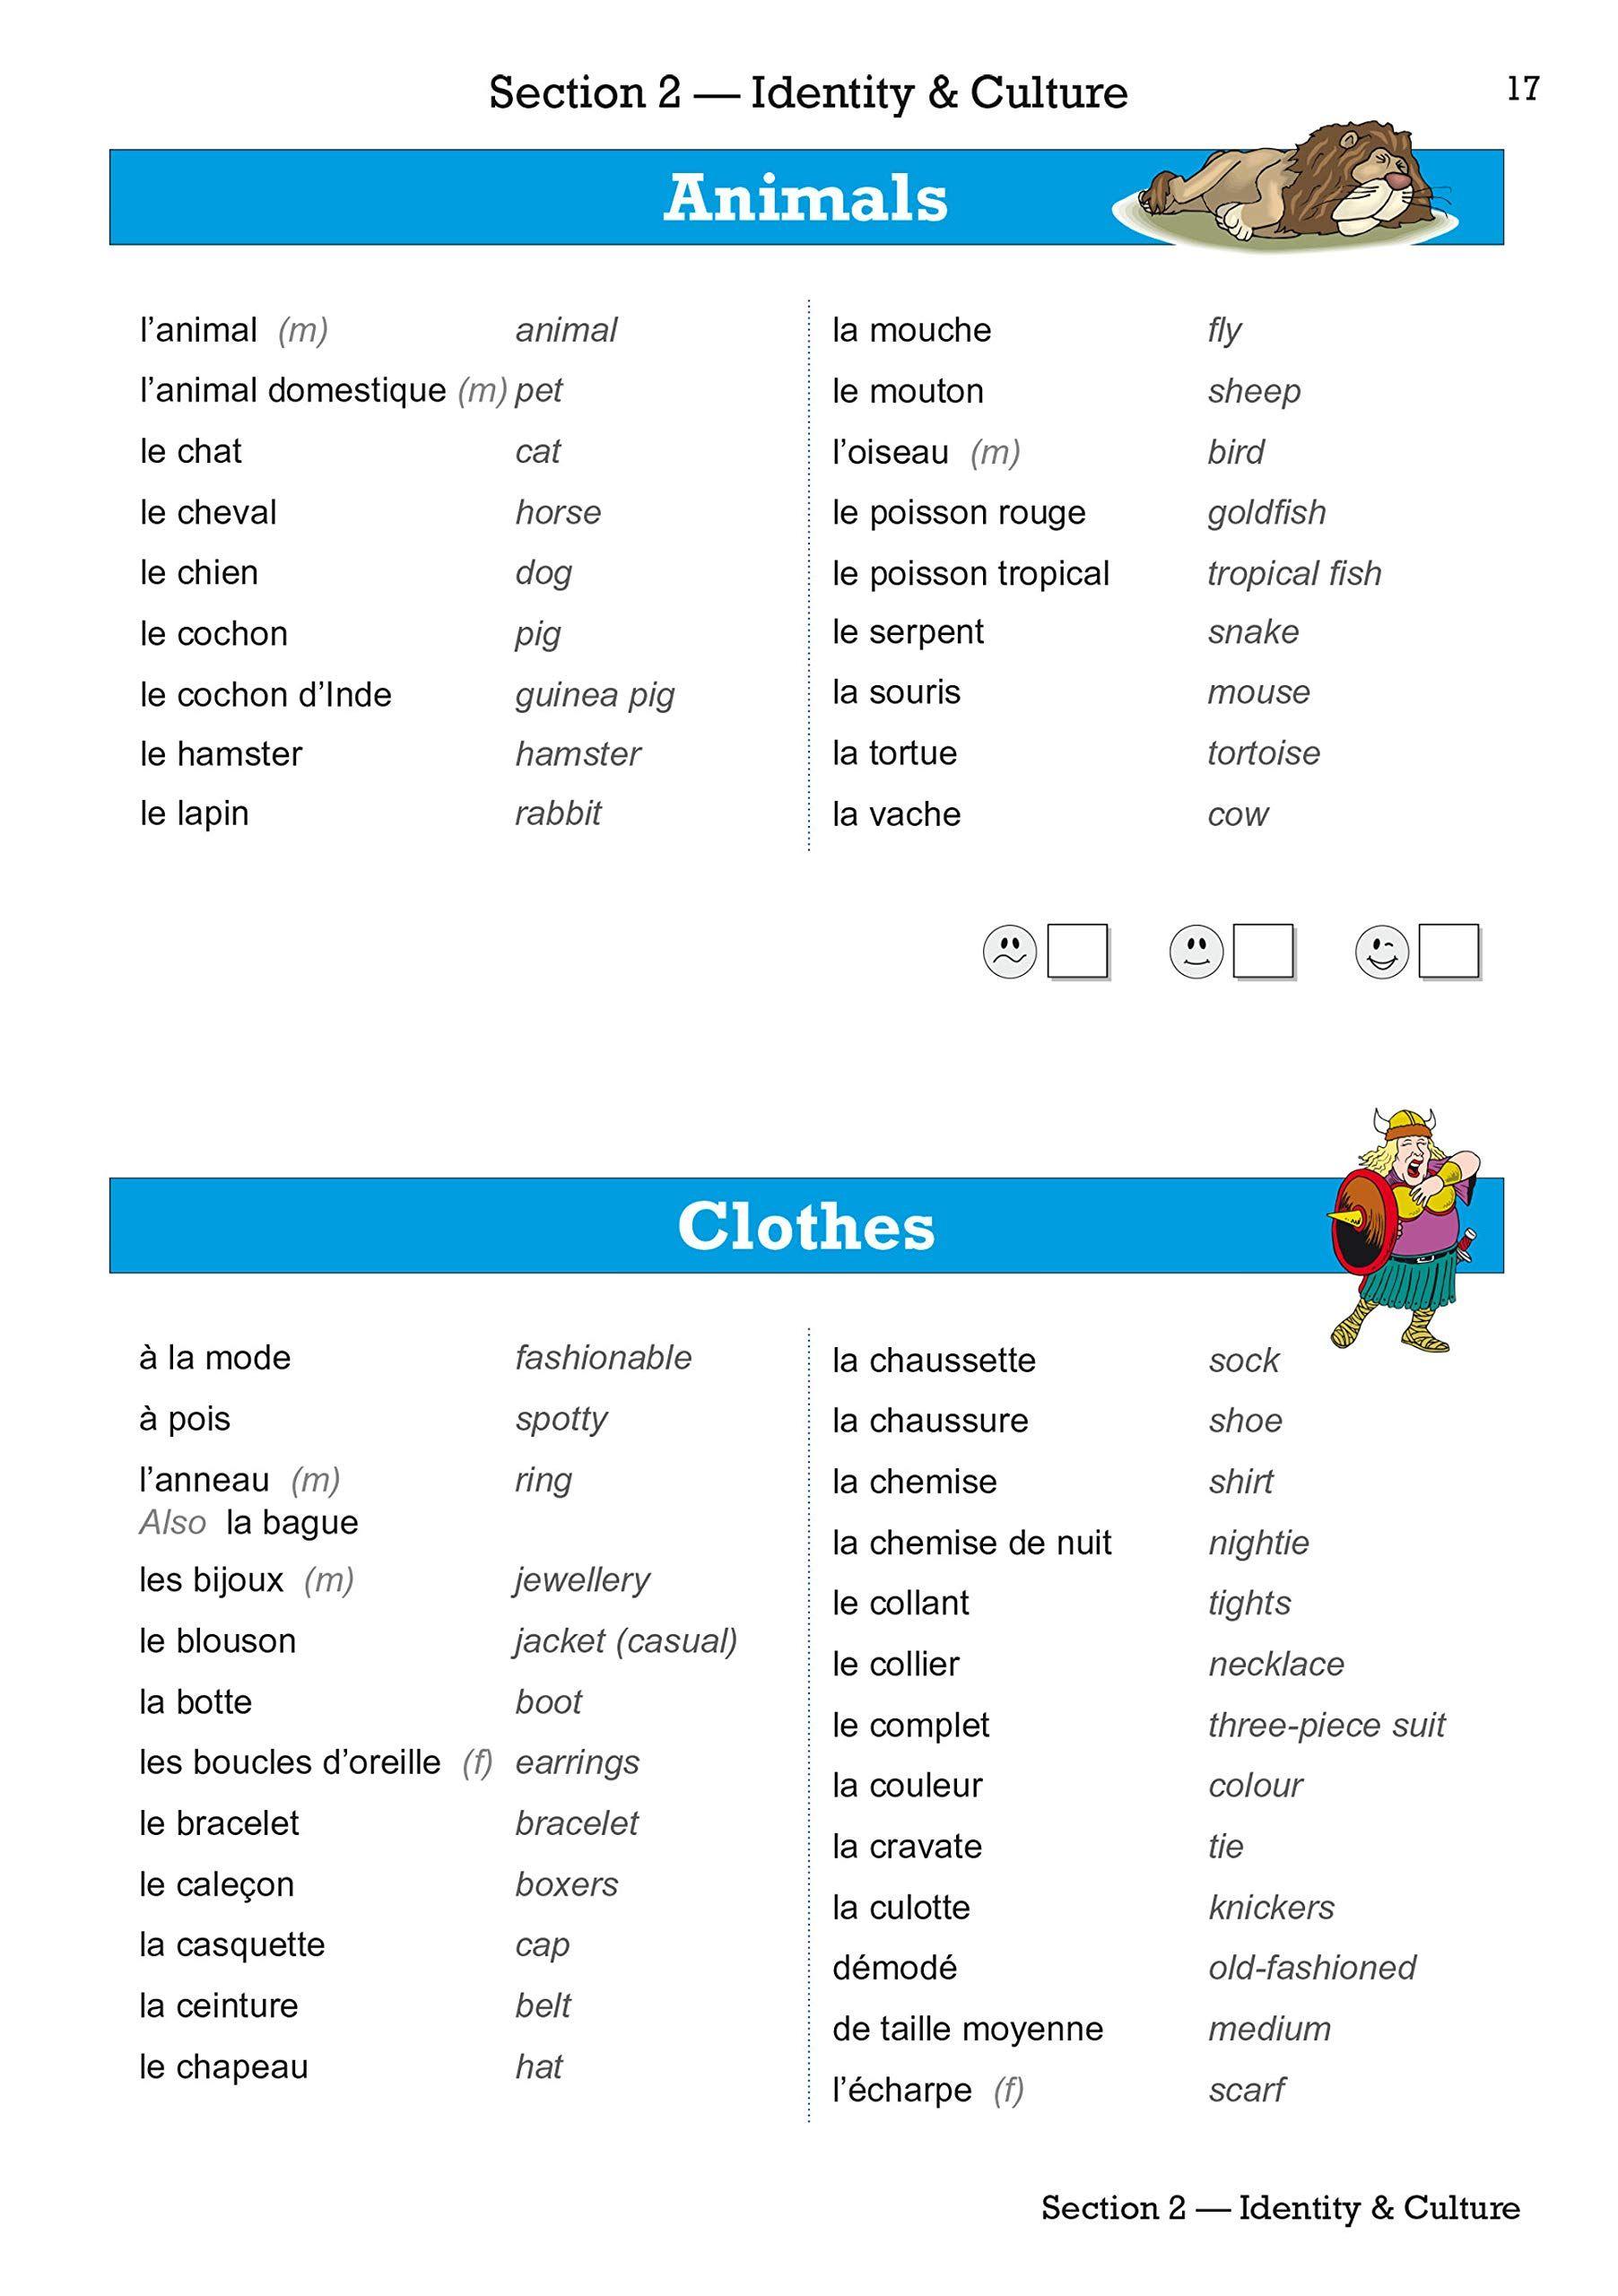 New Gcse French Vocab Book For The Grade 9 1 Course 9781782948612 Amazon Com Books Gcse French Learn French French Vocabulary